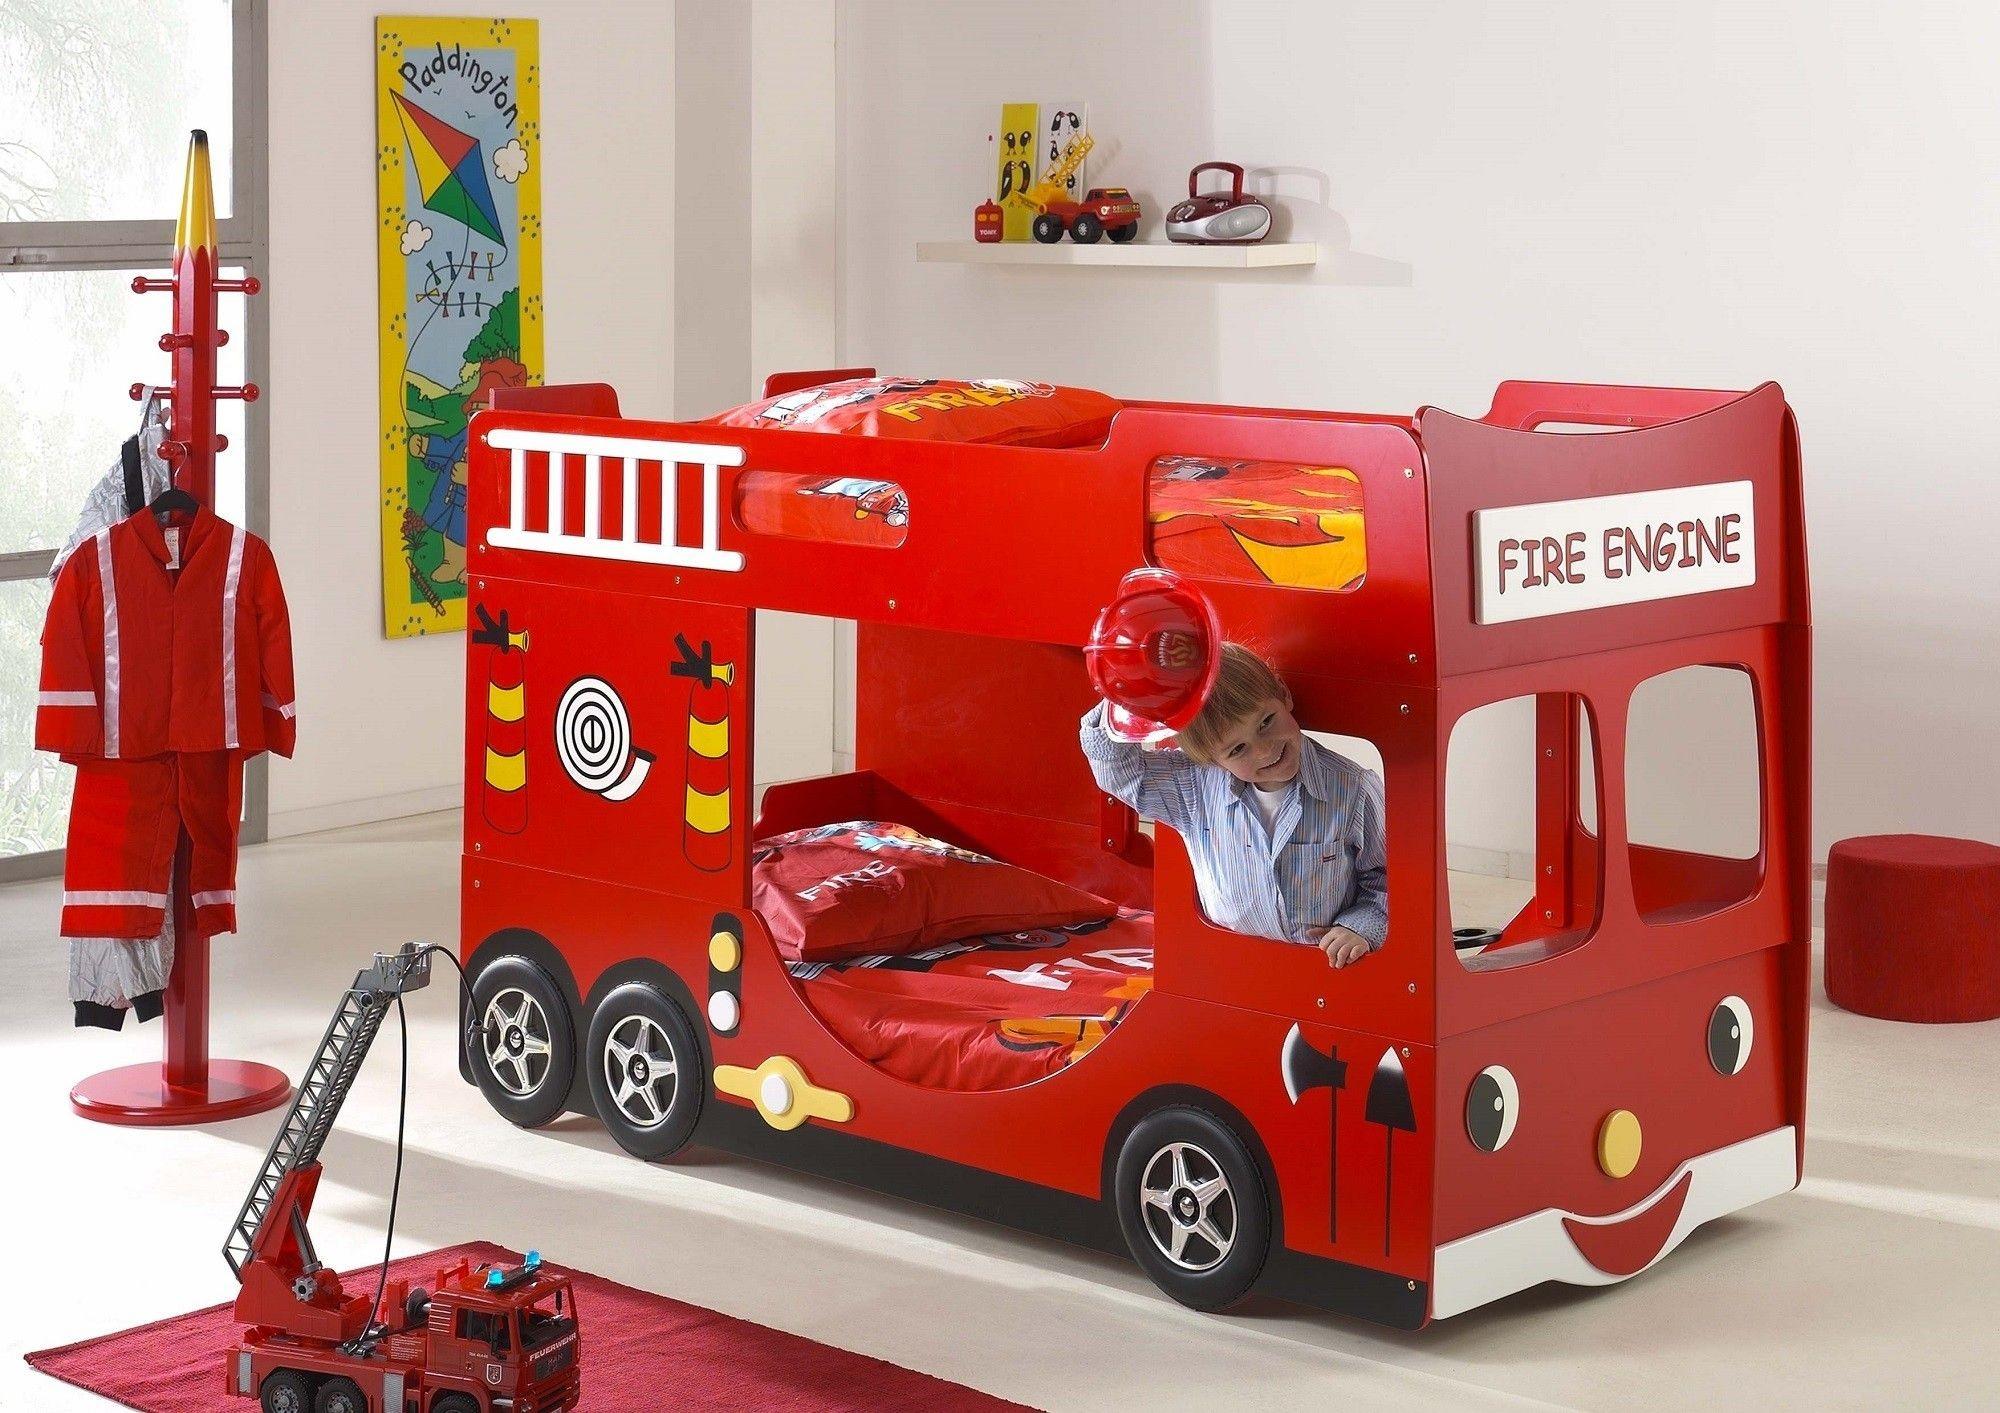 Łóżko piętrowe straż pożarna dla dziecka